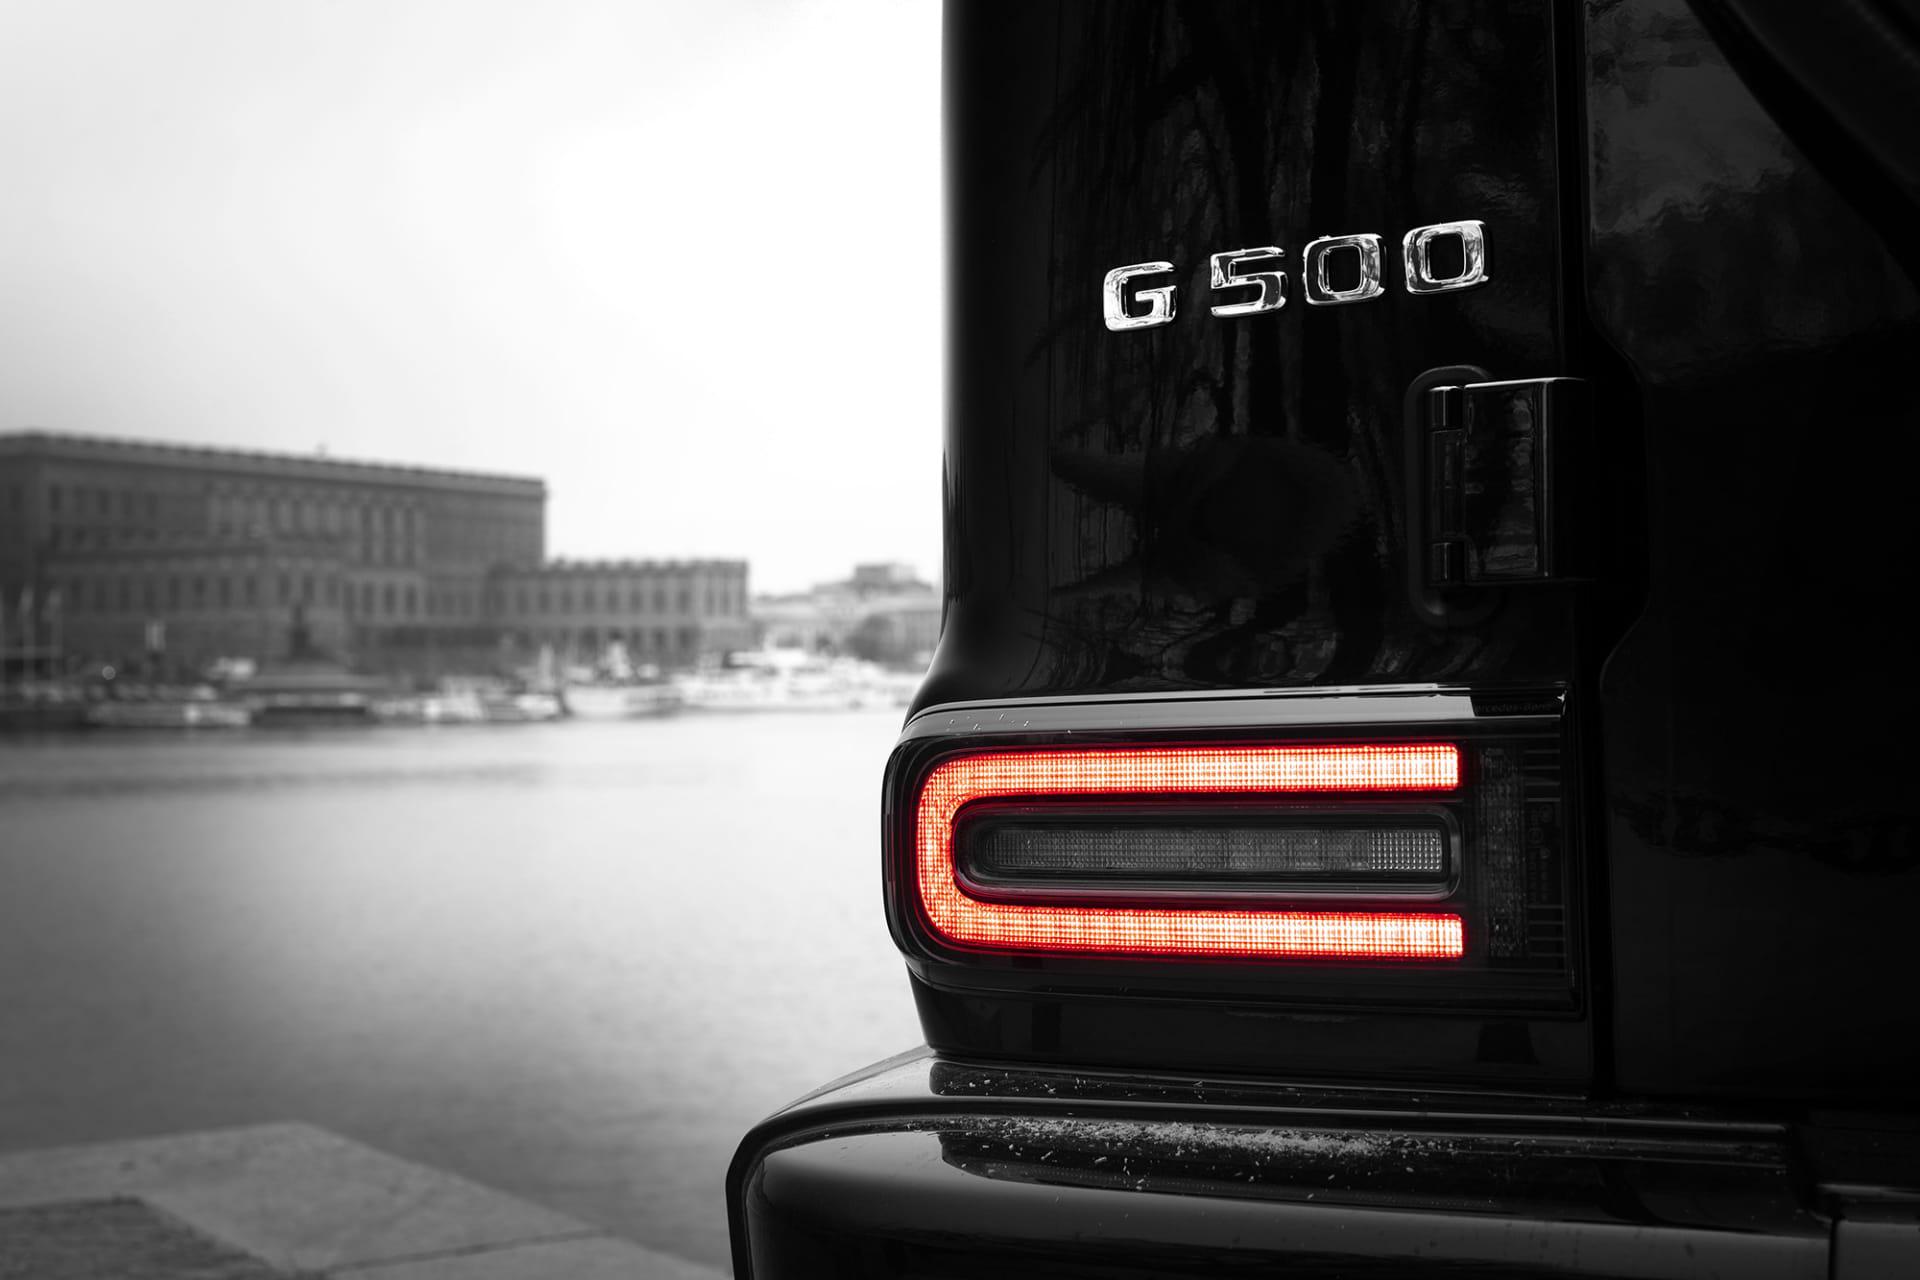 Om du inte vill åka runt och skryta med din G Klass väljer du med fördel versionen G500 istället för G63 AMG, då slipper du ett avgassystem som smäller och lever rövare och får istället en sober mullrande V8 med kraft så det blir över.